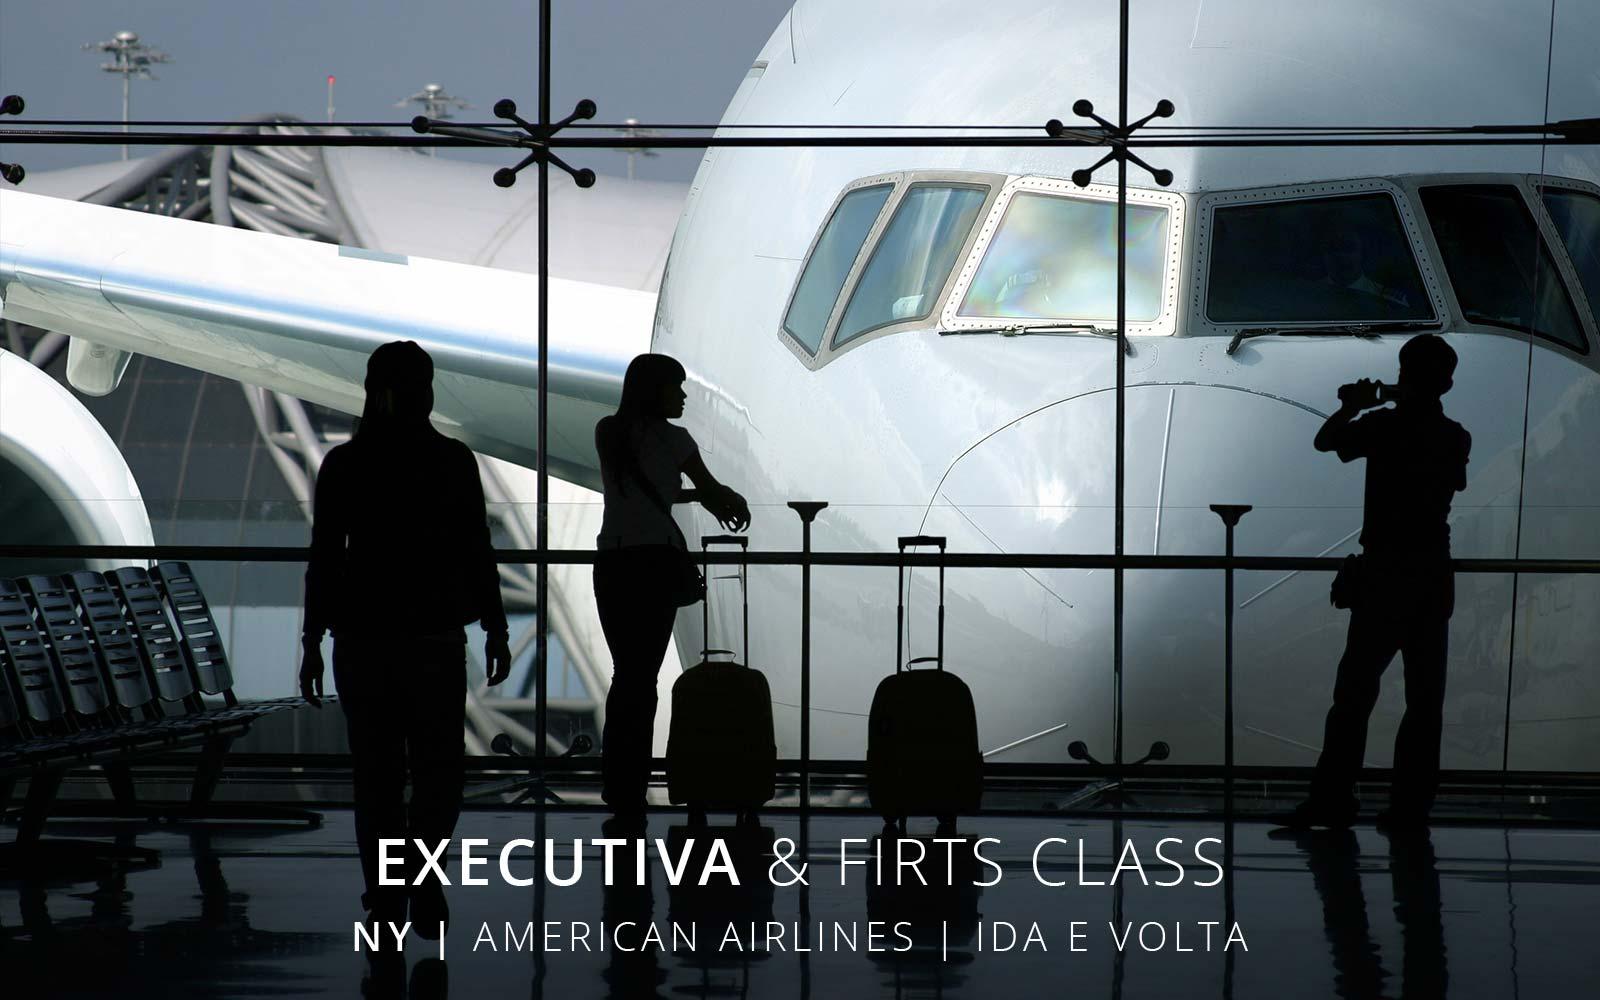 Passagem aérea Classe Executiva American Airlines de São Paulo para Nova York